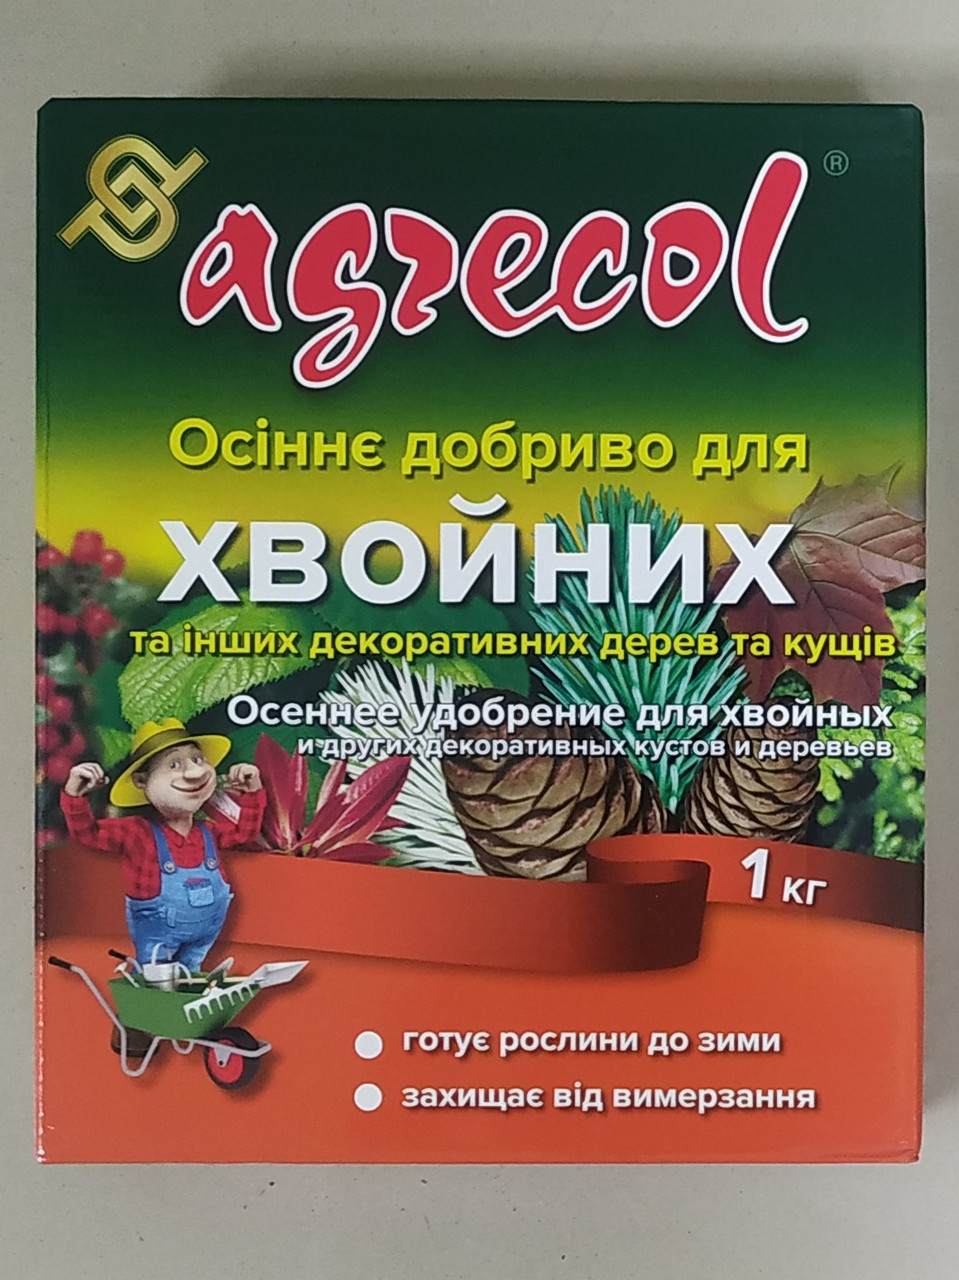 Осеннее удобрение для хвойных растений Agrecol 1 кг